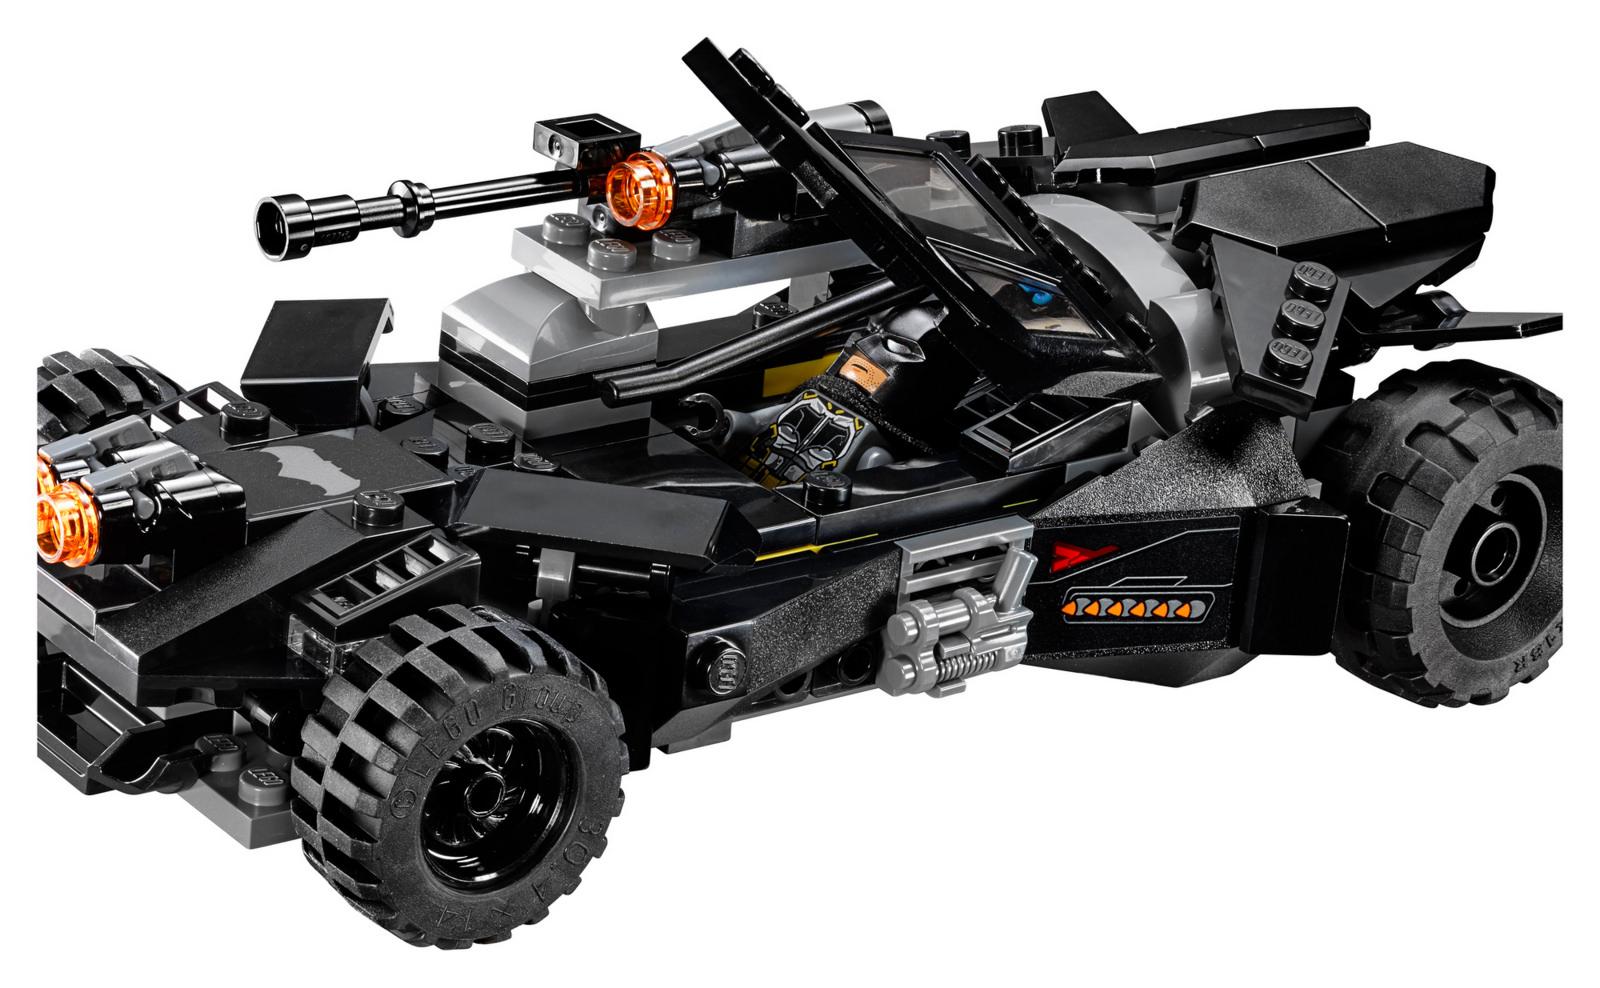 Aggiornato Rivelati 3 nuovi set Lego DC Justice League ...